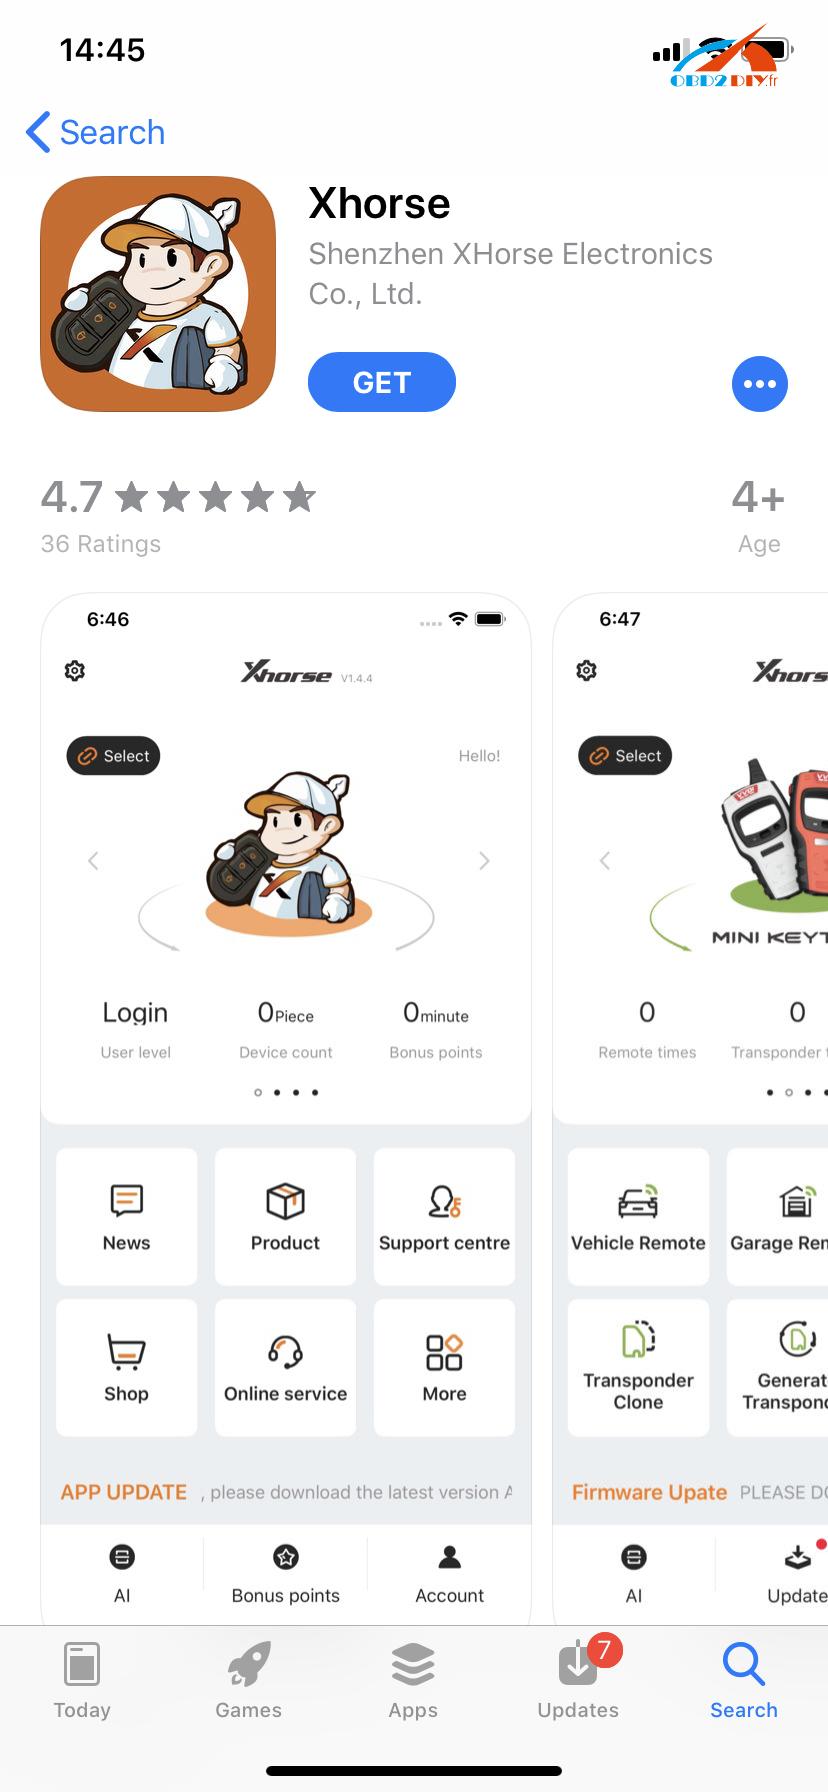 xhorse-app-1.5.1-download-1